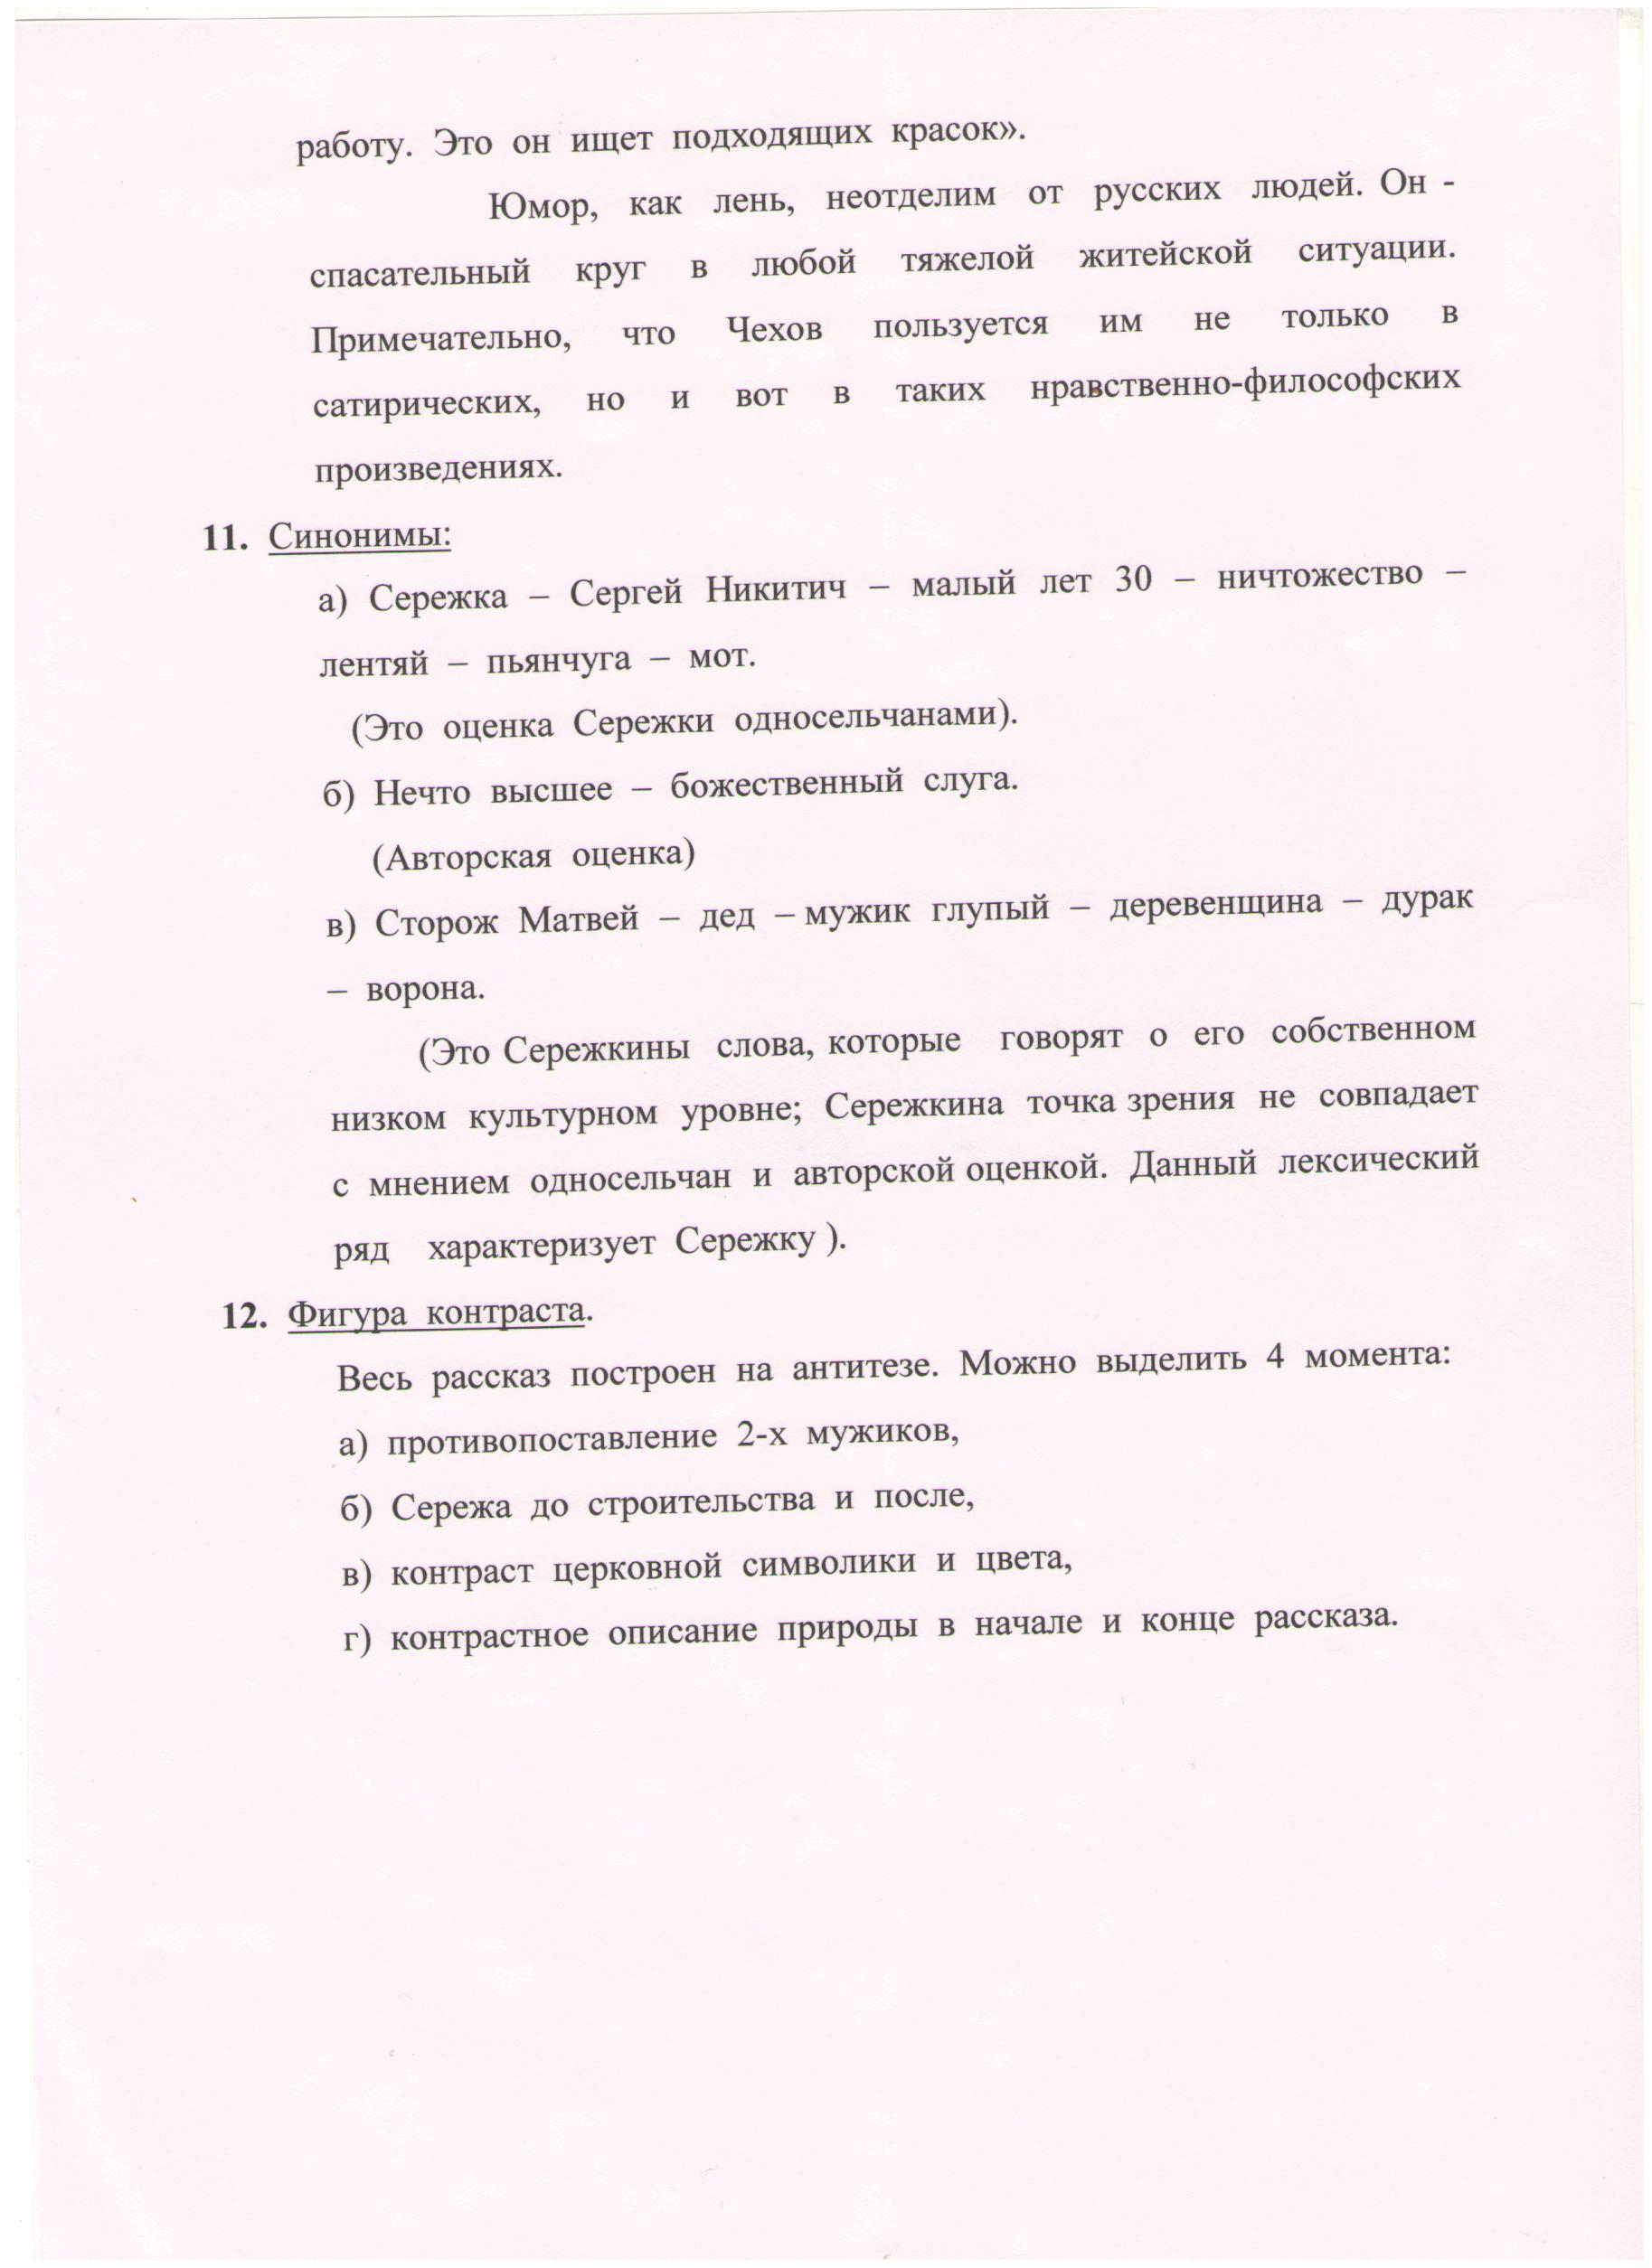 C:\Documents and Settings\Учитель\Рабочий стол\Новая папка\Работа Светы 22.jpg